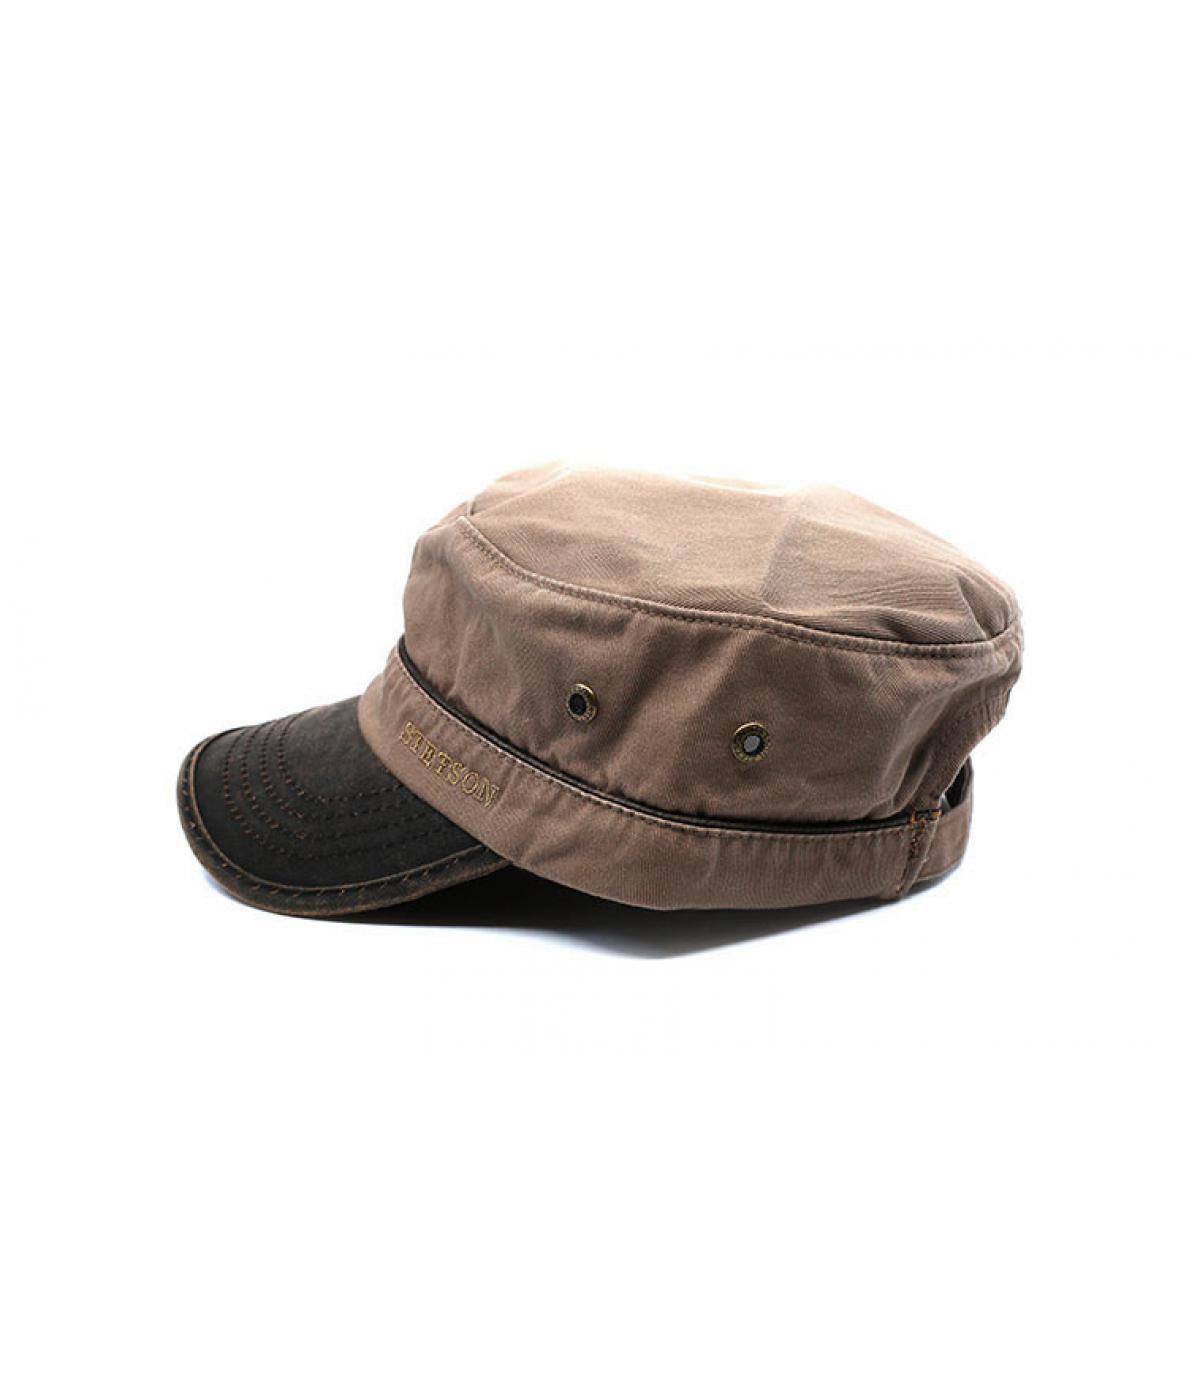 Détails Army Cap Cotton brown - image 4